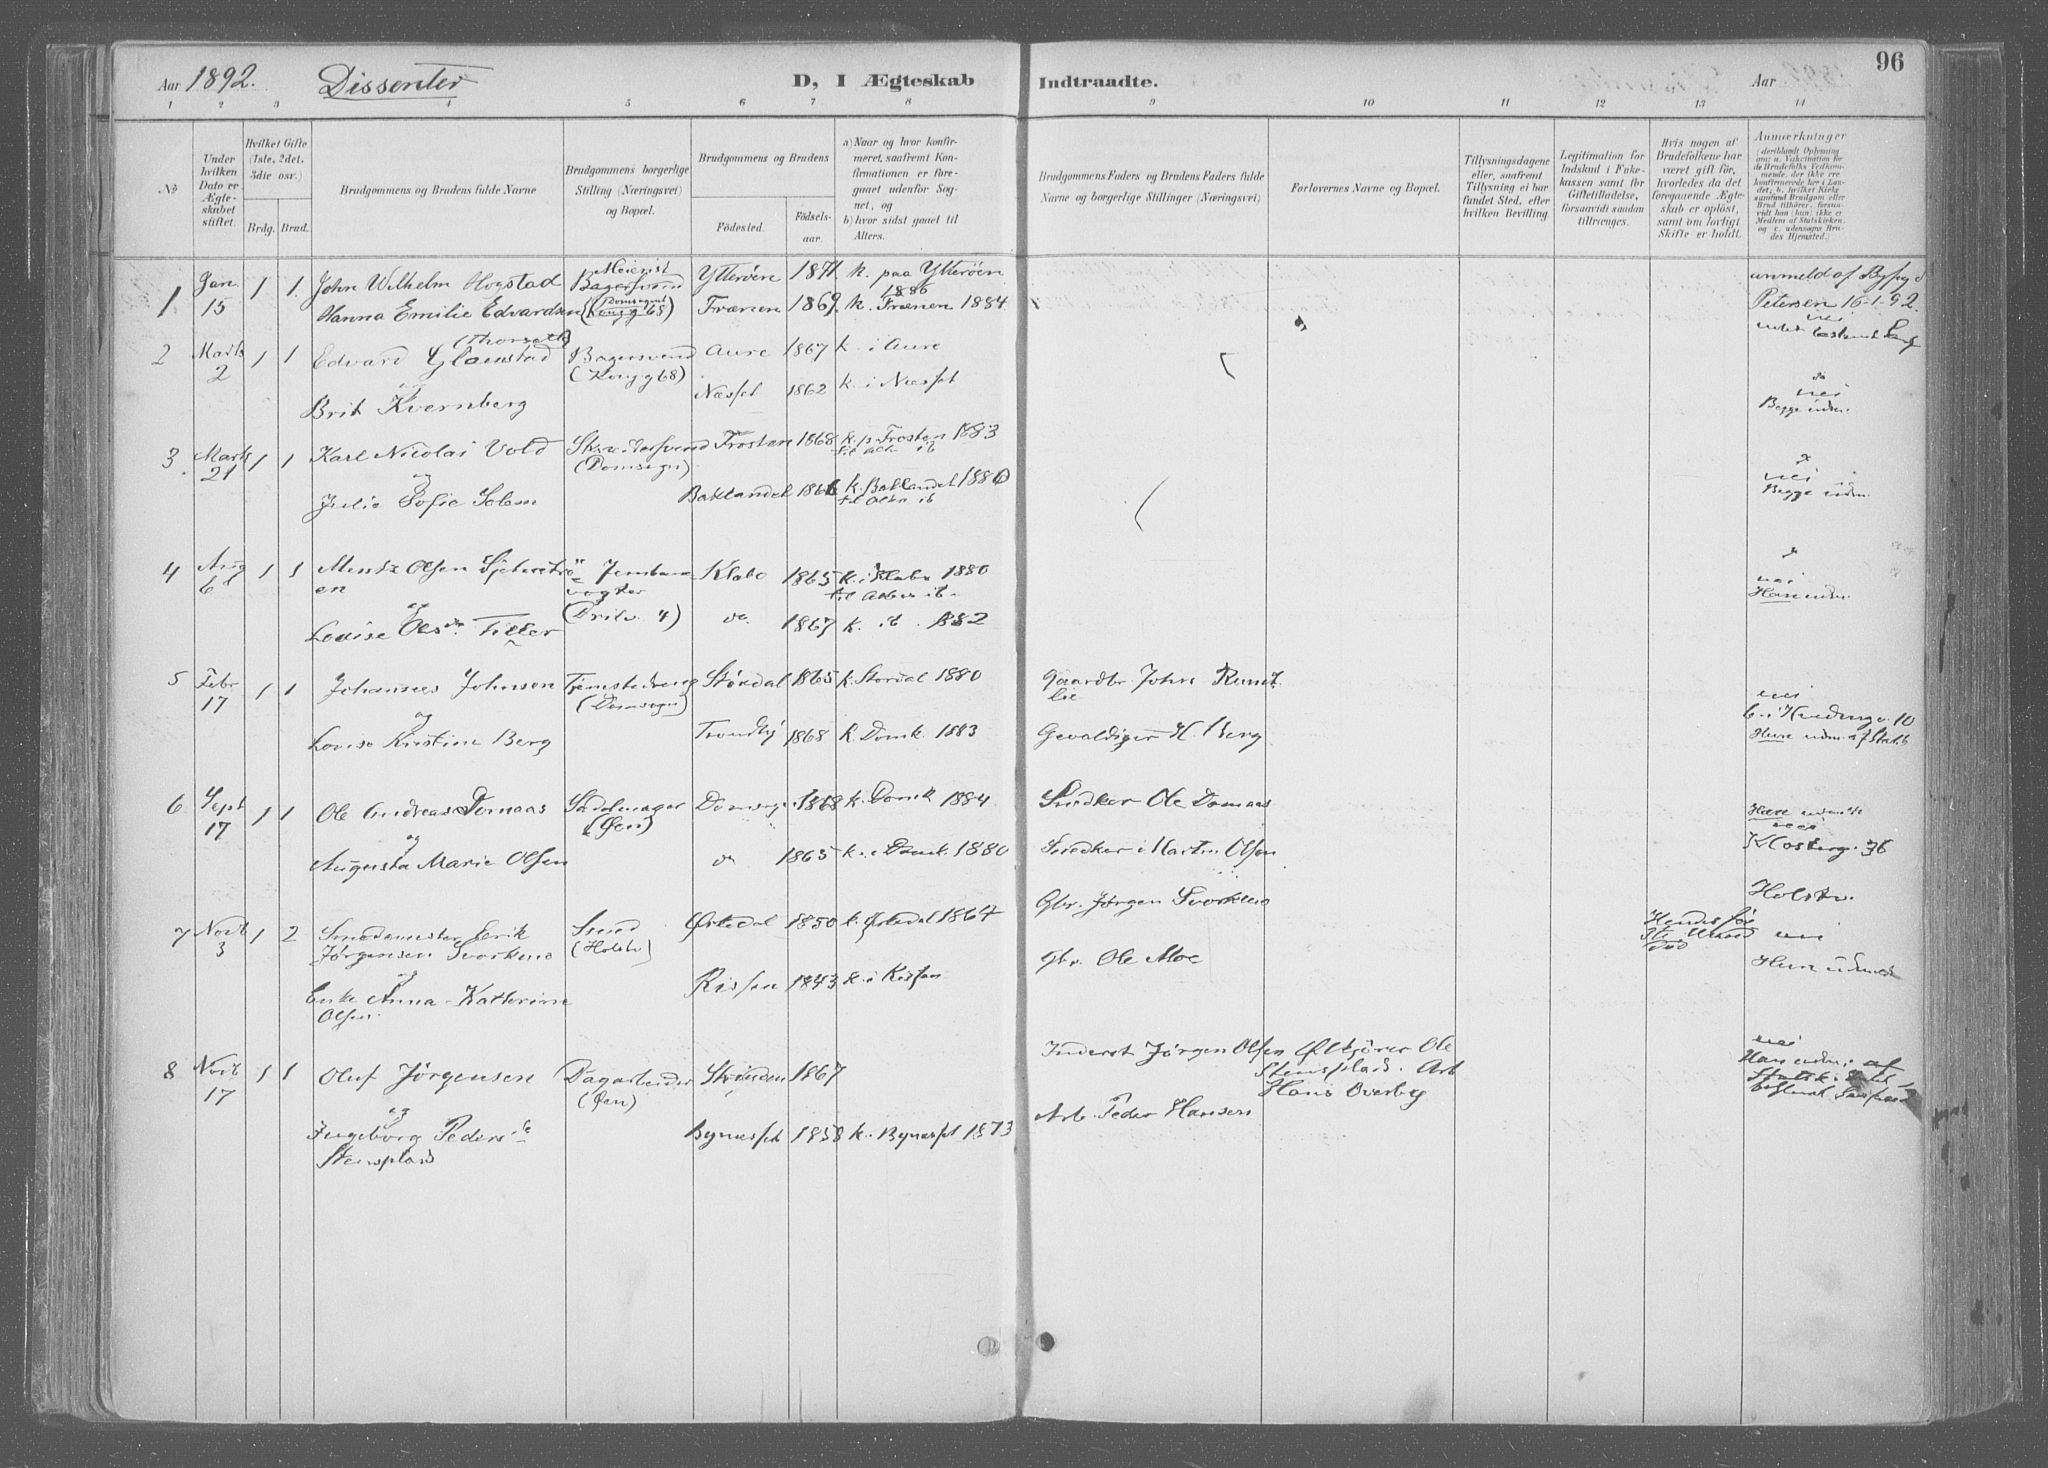 SAT, Ministerialprotokoller, klokkerbøker og fødselsregistre - Sør-Trøndelag, 601/L0064: Ministerialbok nr. 601A31, 1891-1911, s. 96